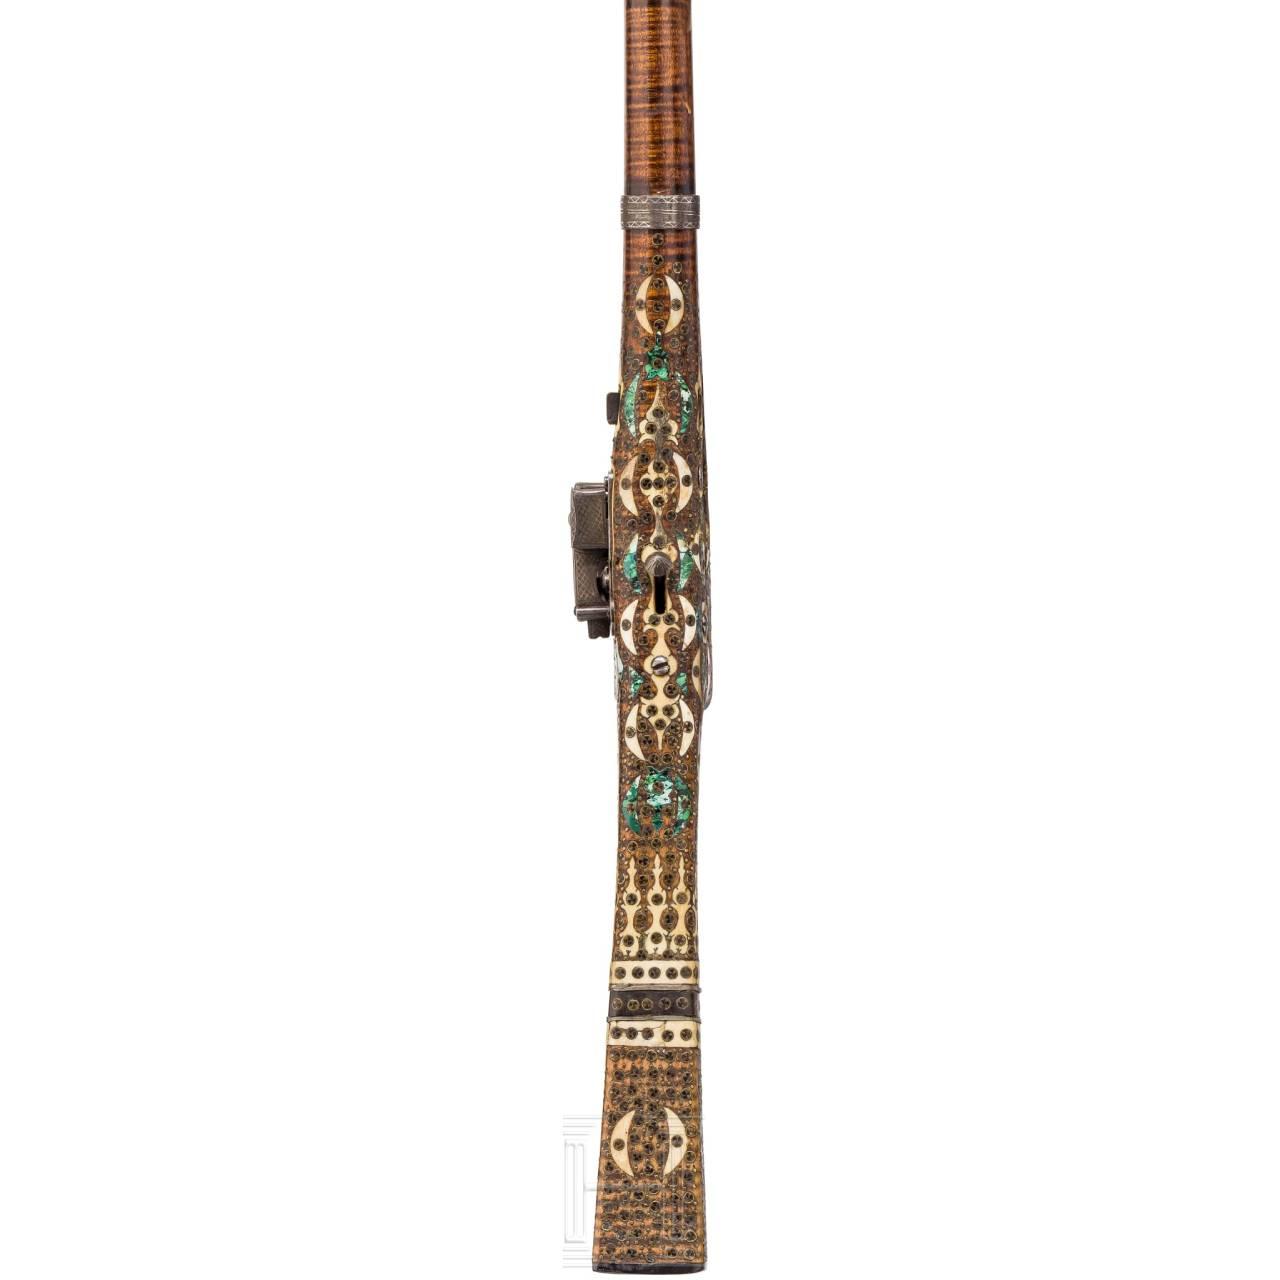 Kleine Miqueletbüchse (Tüfek), osmanisch, 18. Jhdt.